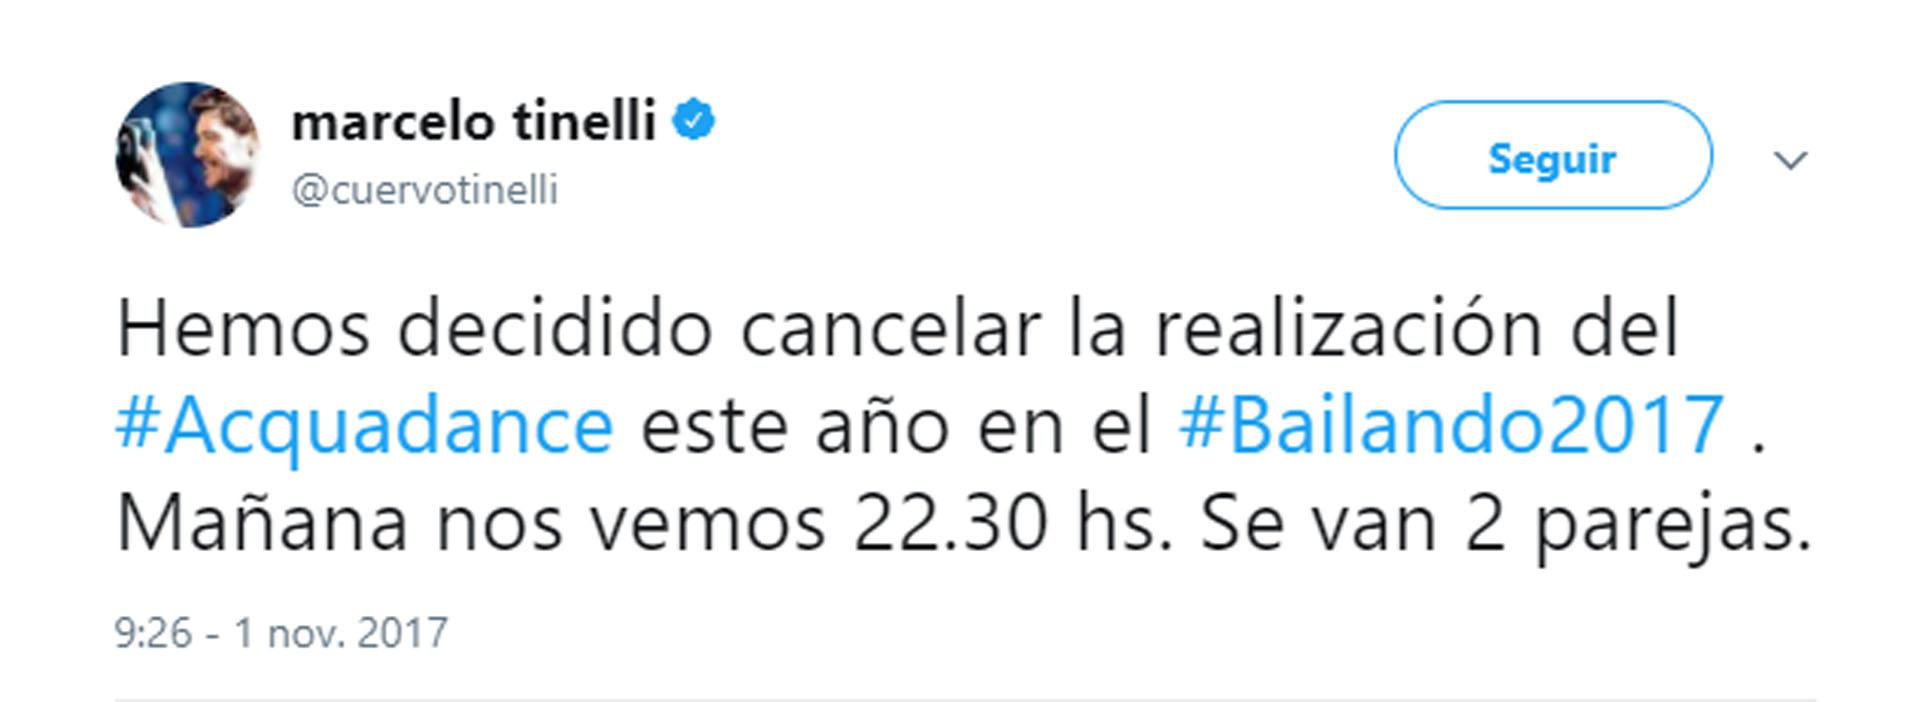 El mensaje de Tinelli en Twitter